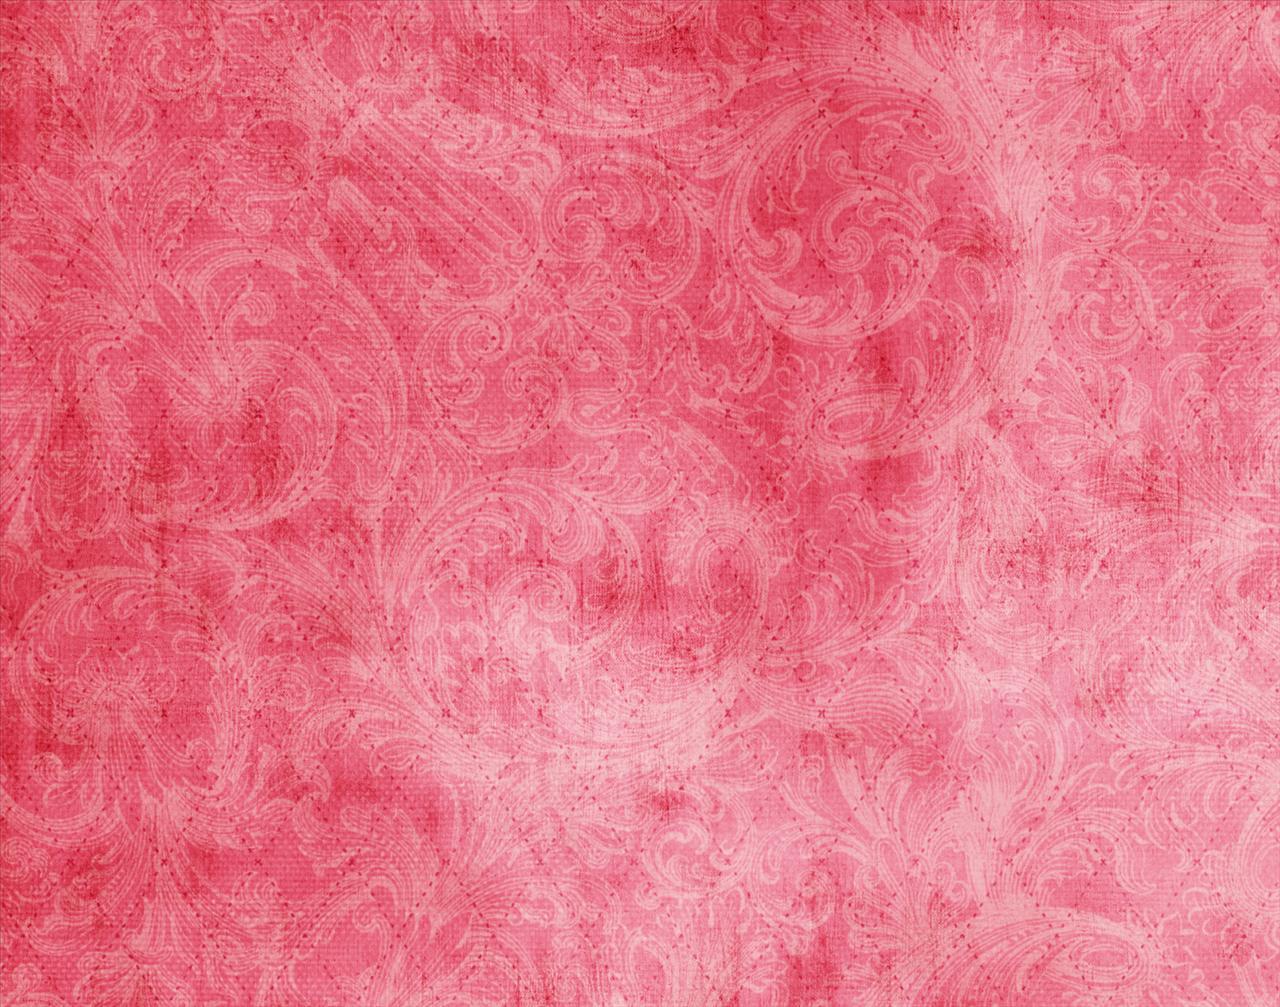 Pink flower wallpaper backgrounds wallpaper cave - Pink flower wallpaper background ...